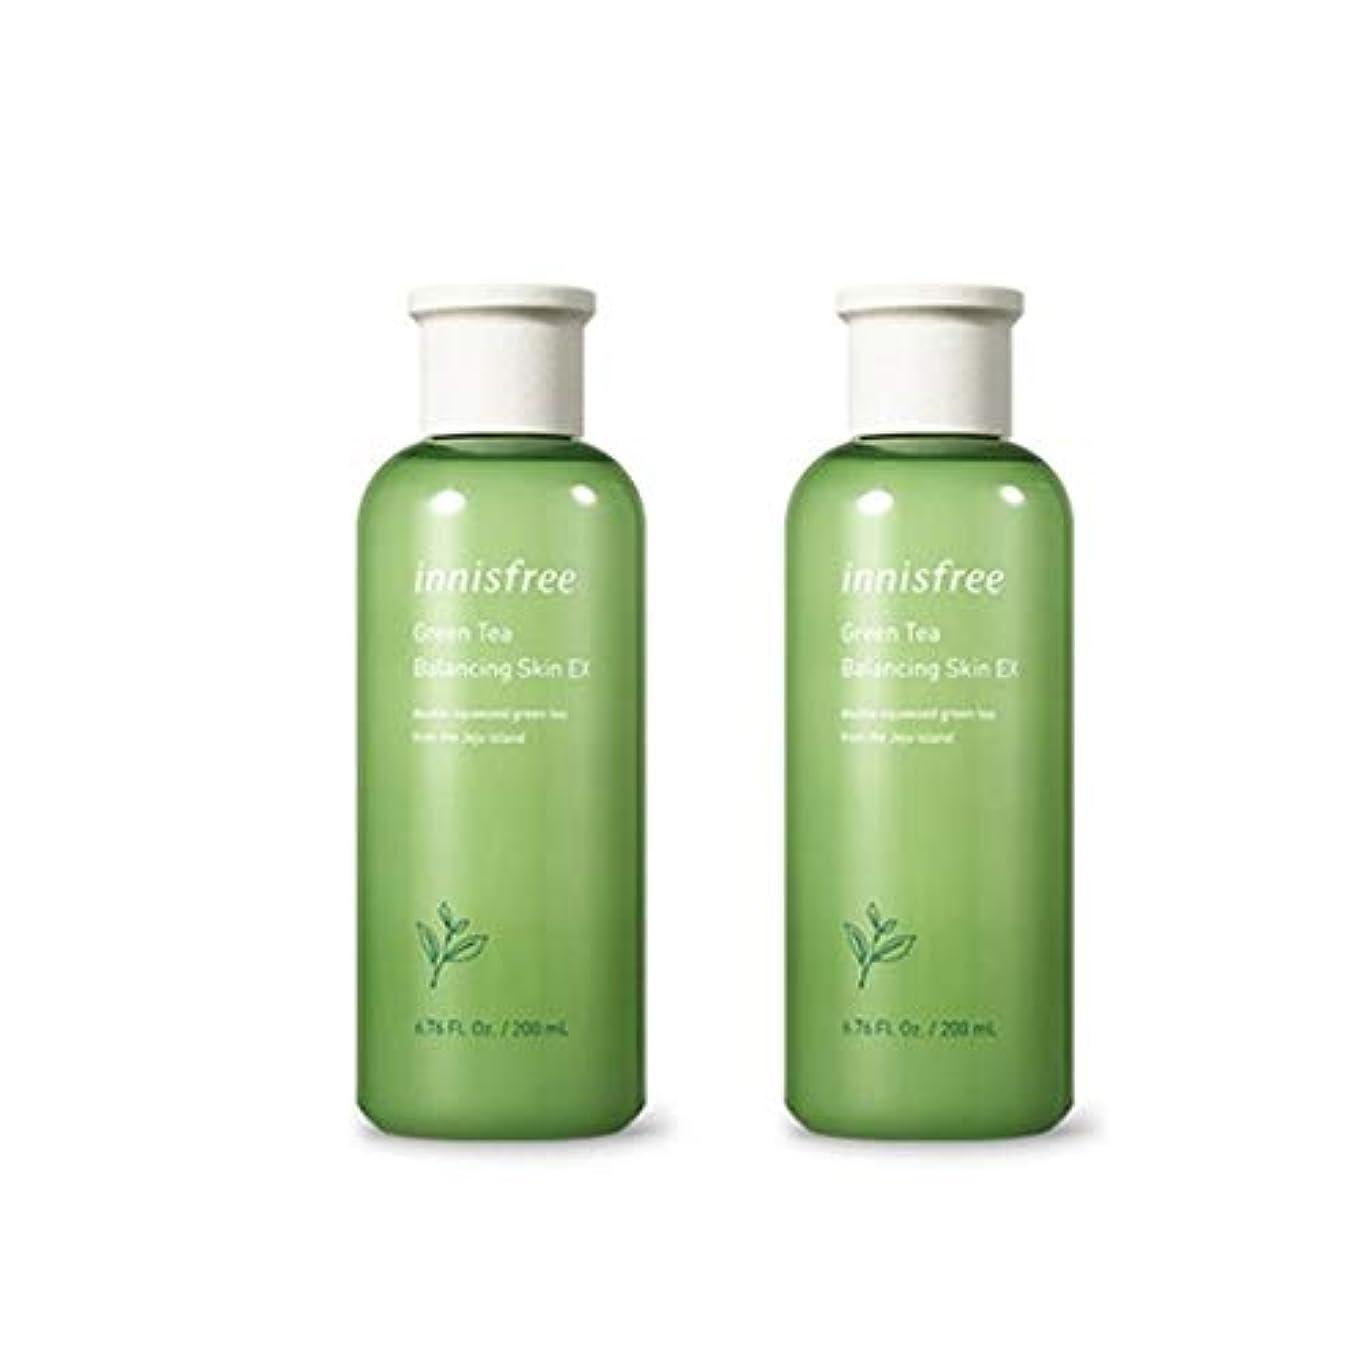 熱望する縫い目レイアイニスフリーグリーンティーバランシングスキンEX 200mlx2本セット韓国コスメ、innisfree Green Tea Balancing Skin EX 200ml x 2ea Set Korean Cosmetics...